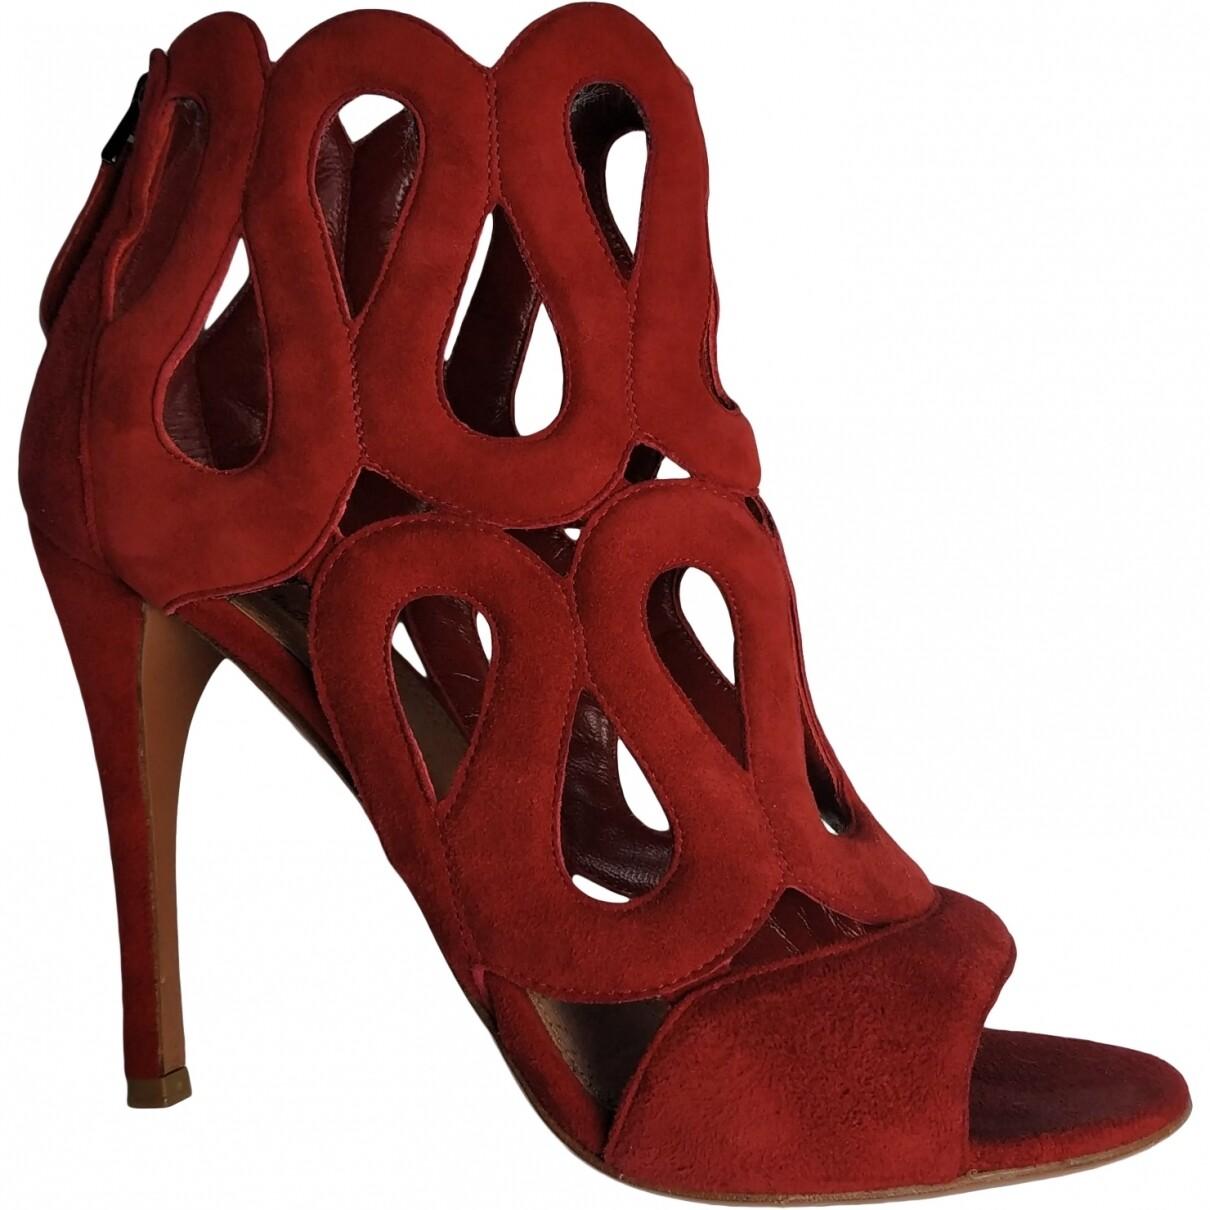 Alaïa suede sandals, size 37